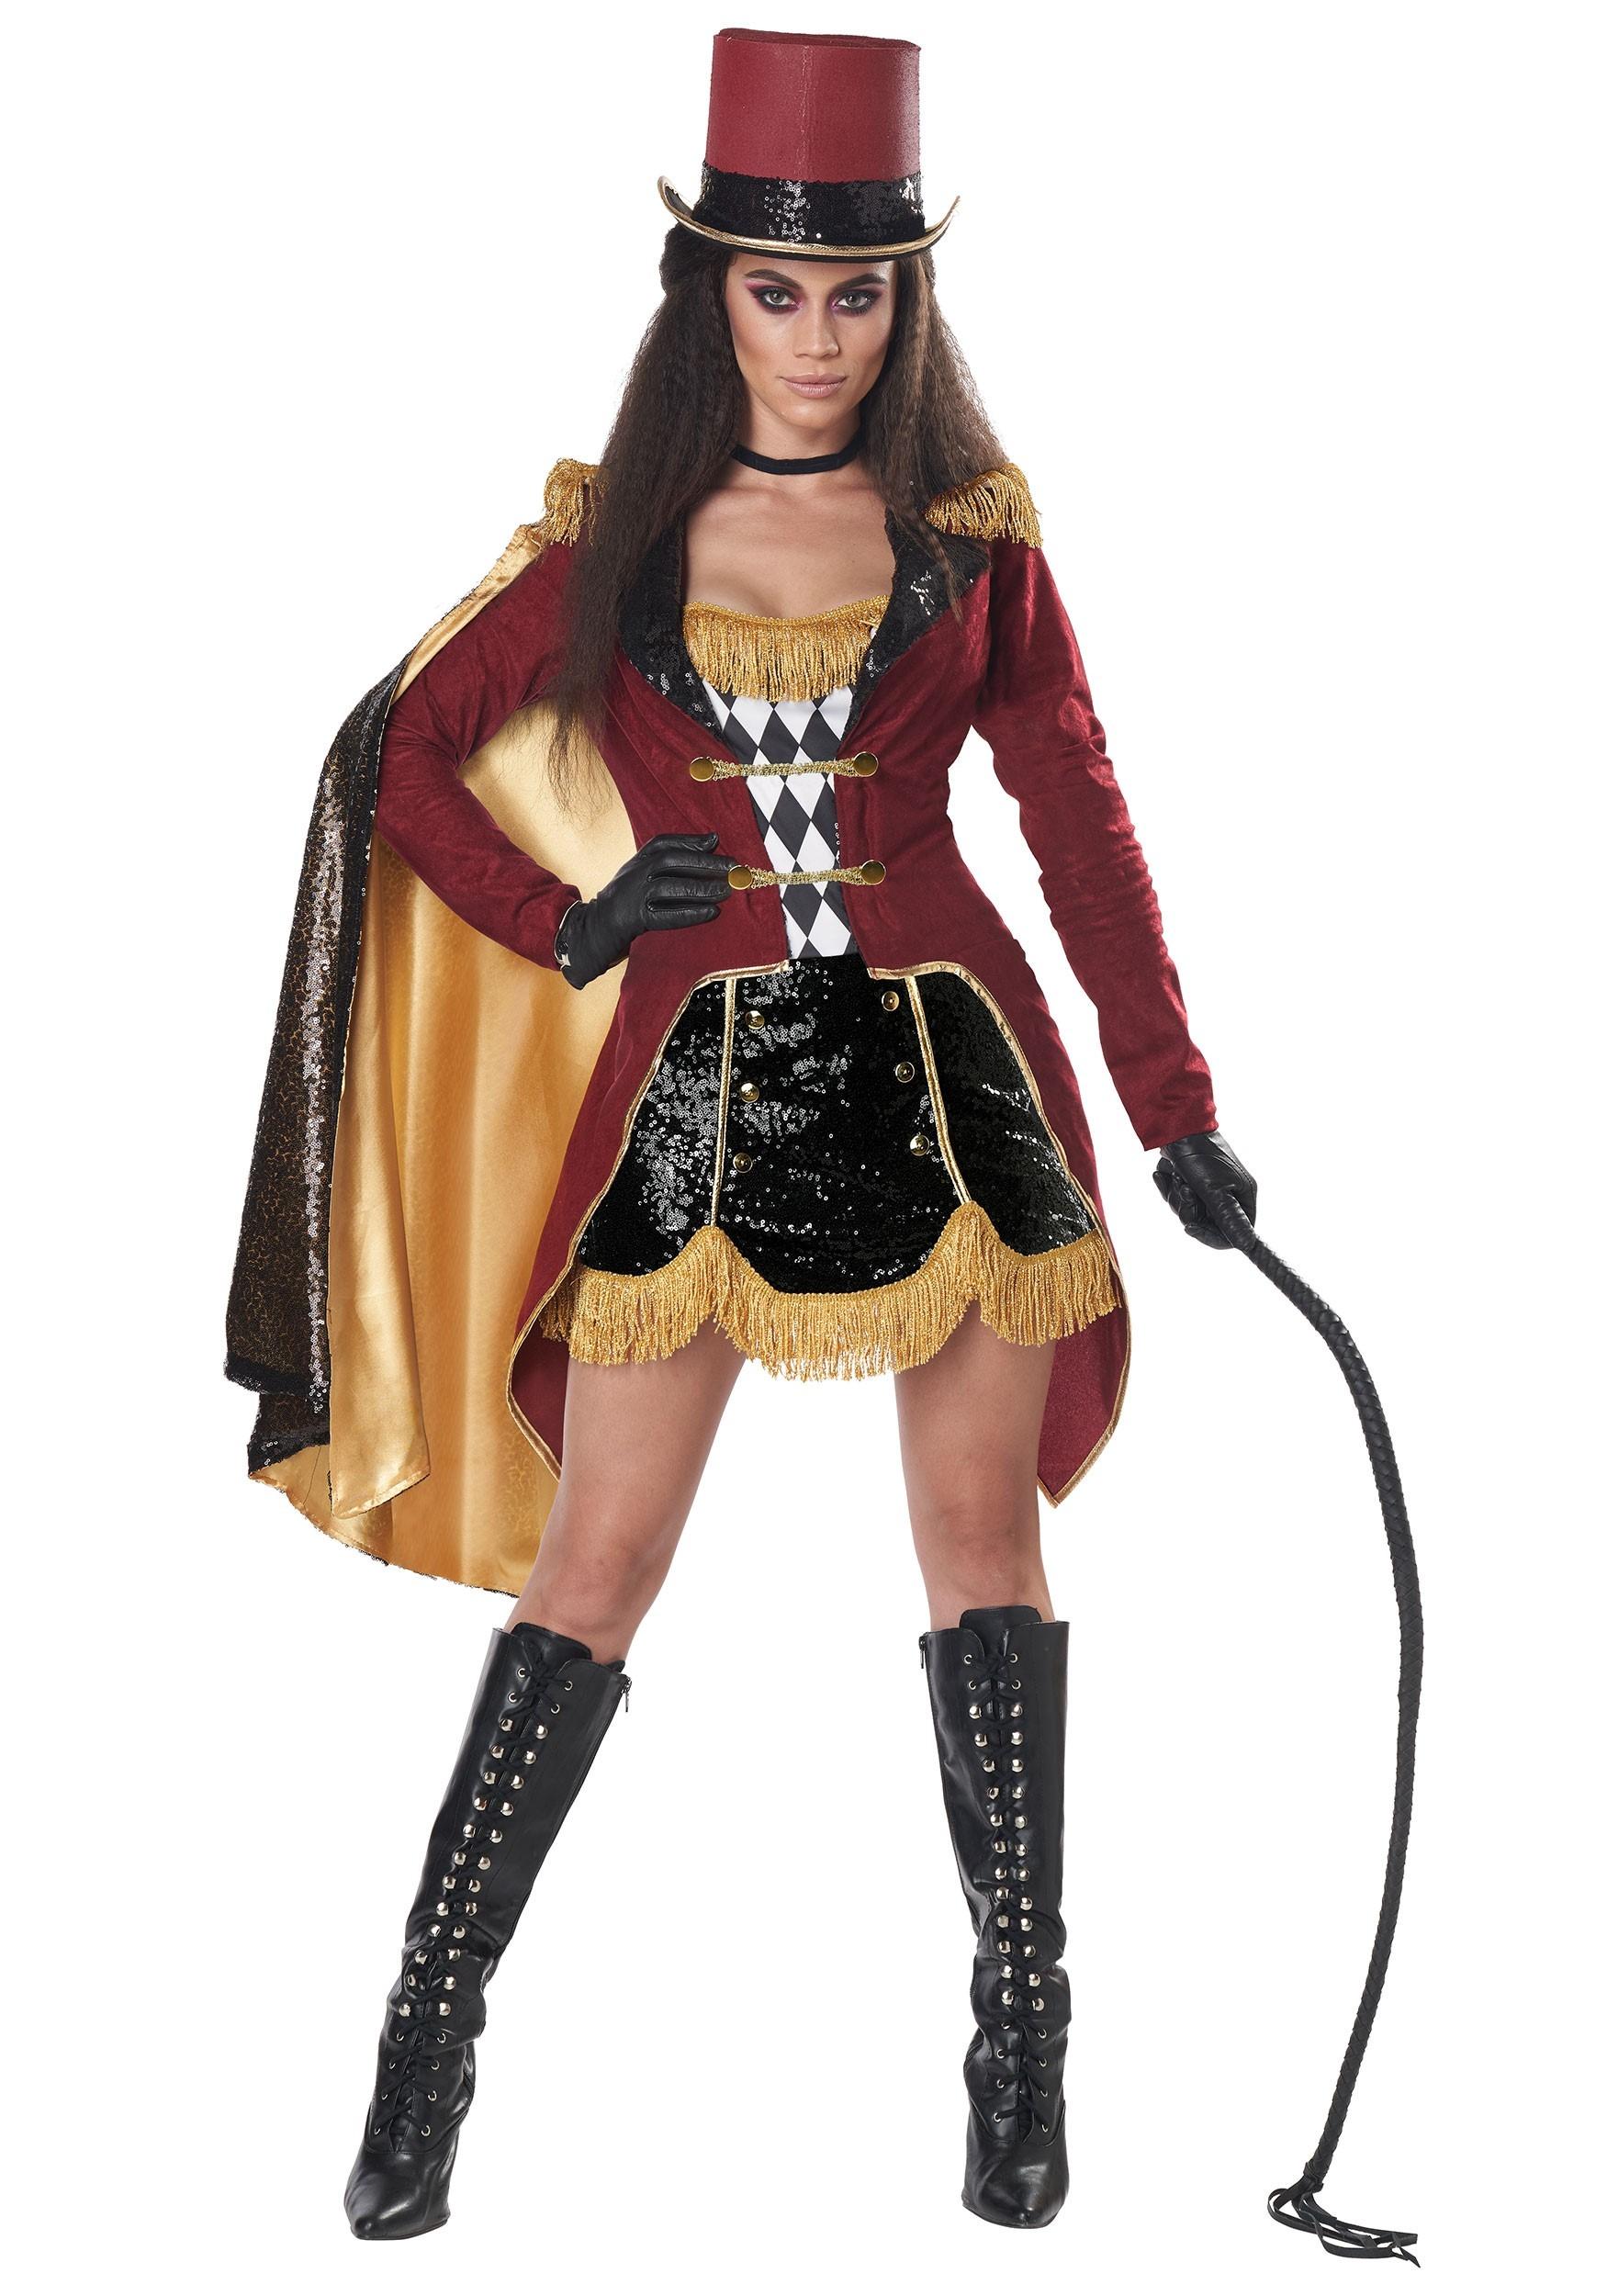 Dazzling Ringmaster Costume for Women